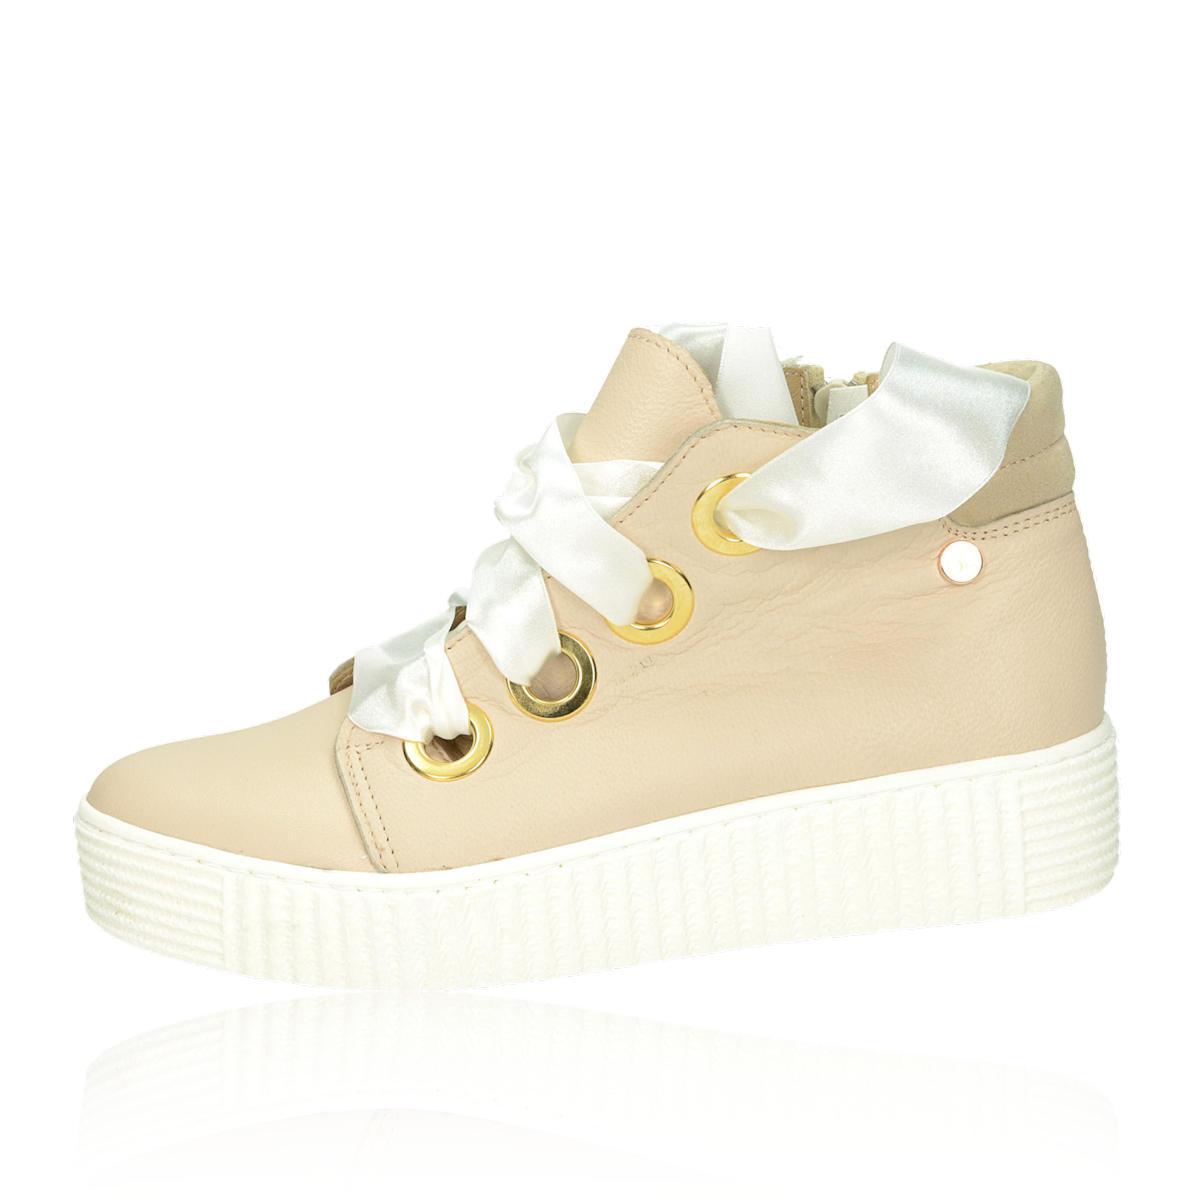 ... Olivia shoes dámske štýlové tenisky na platforme - béžové ... c63886c22f